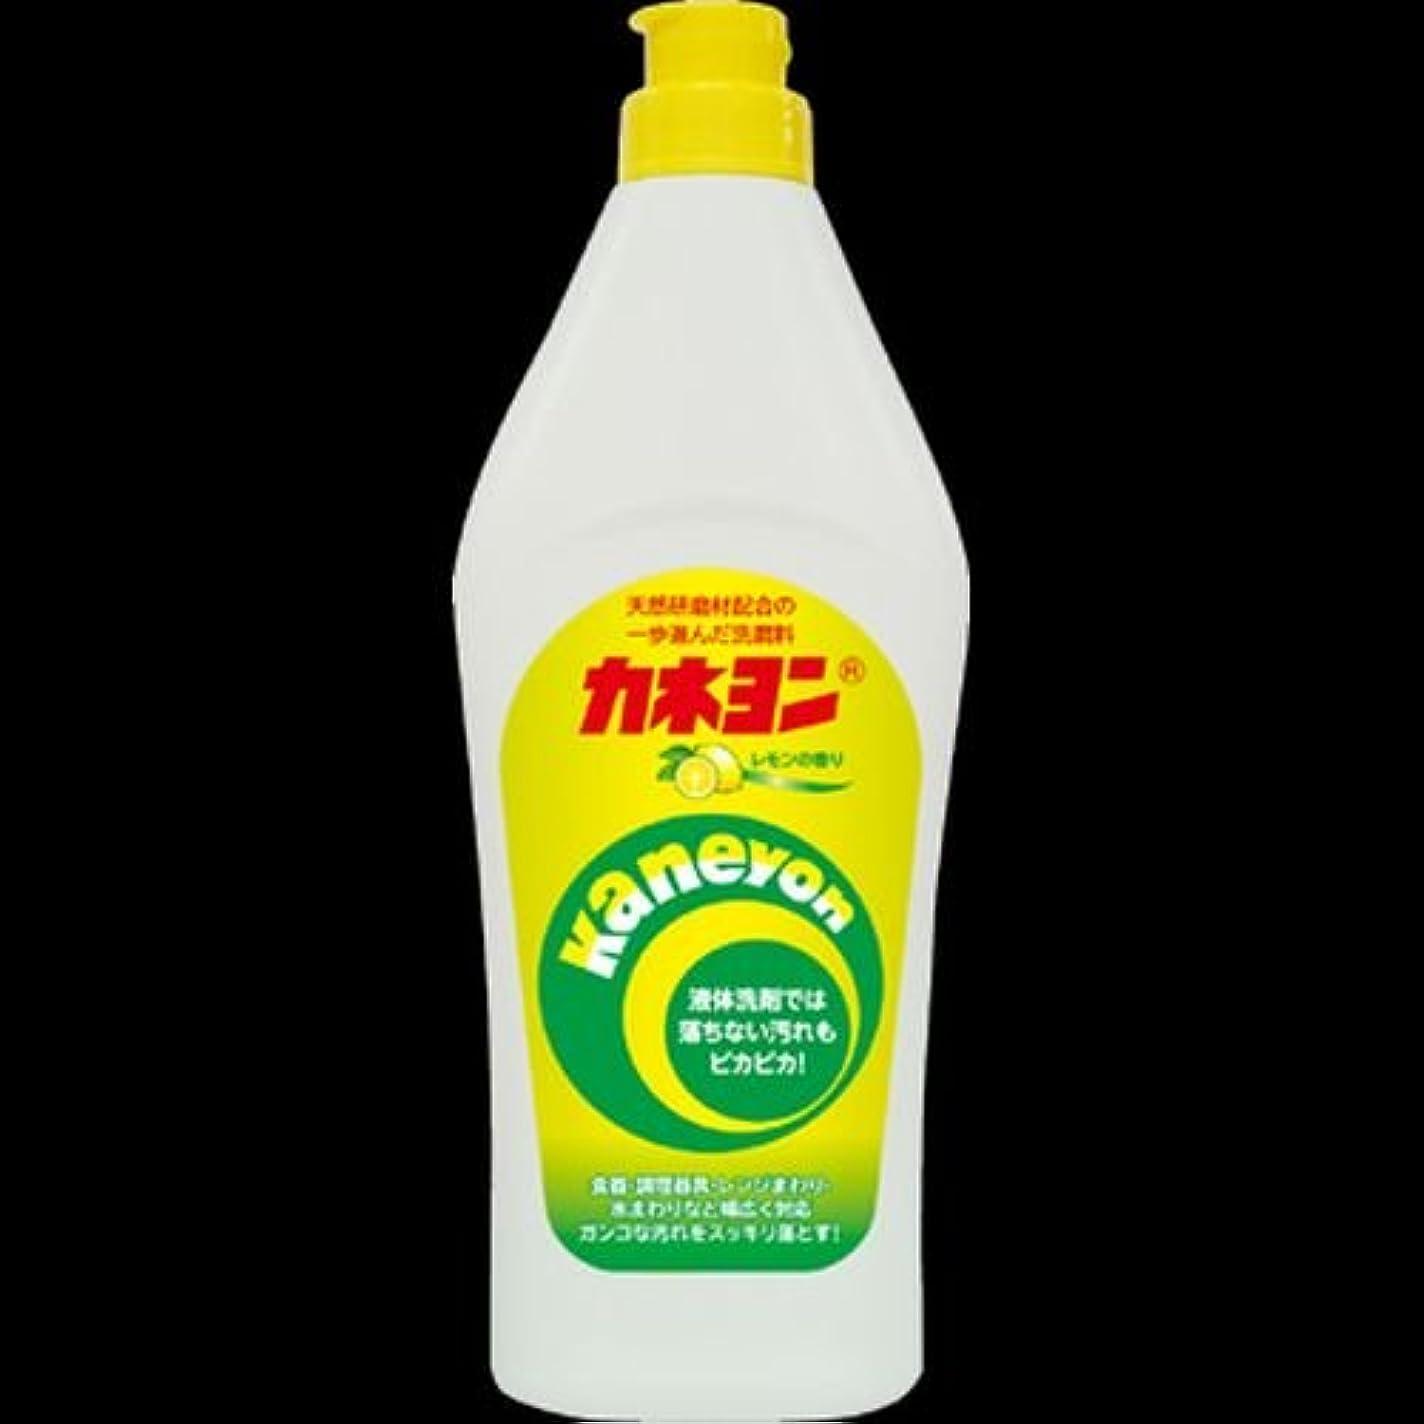 すぐにベーシック恐竜【まとめ買い】カネヨ石鹸 カネヨンレモン 550g ×2セット